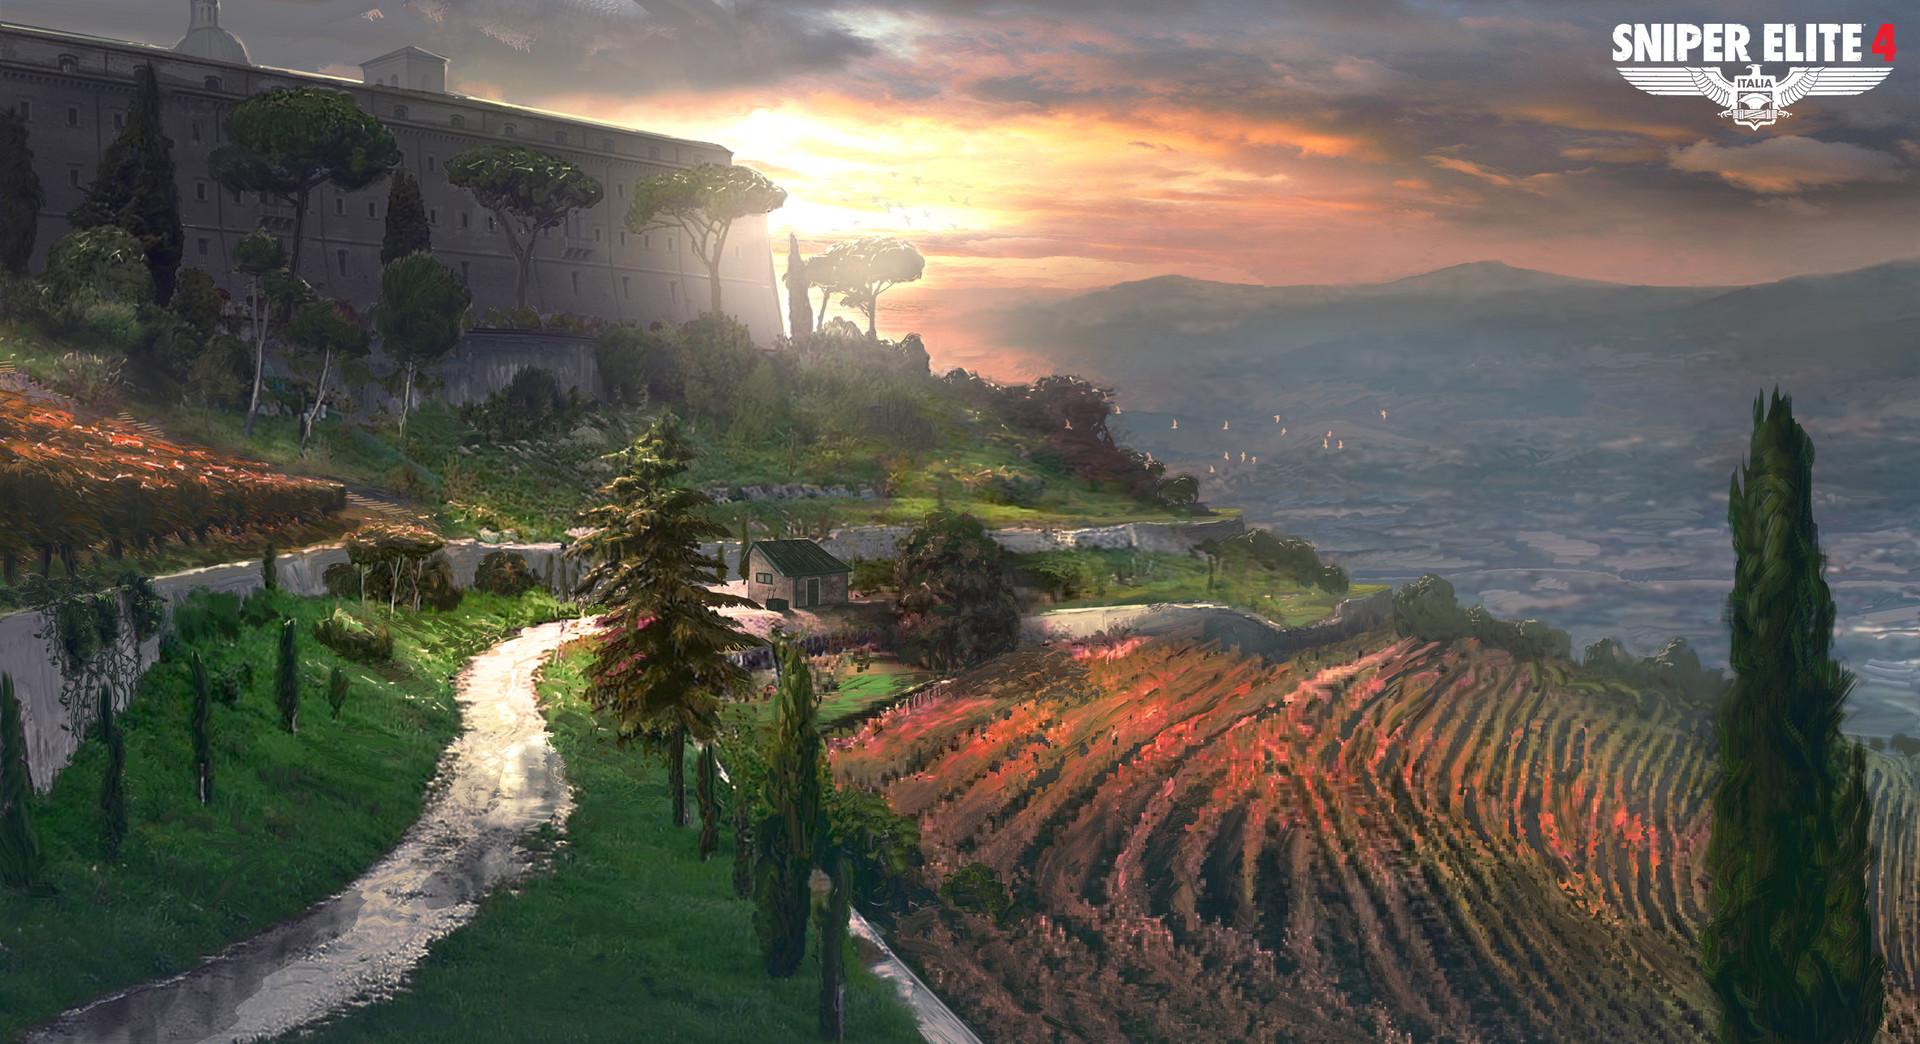 Jack eaves monte cassino vineyard